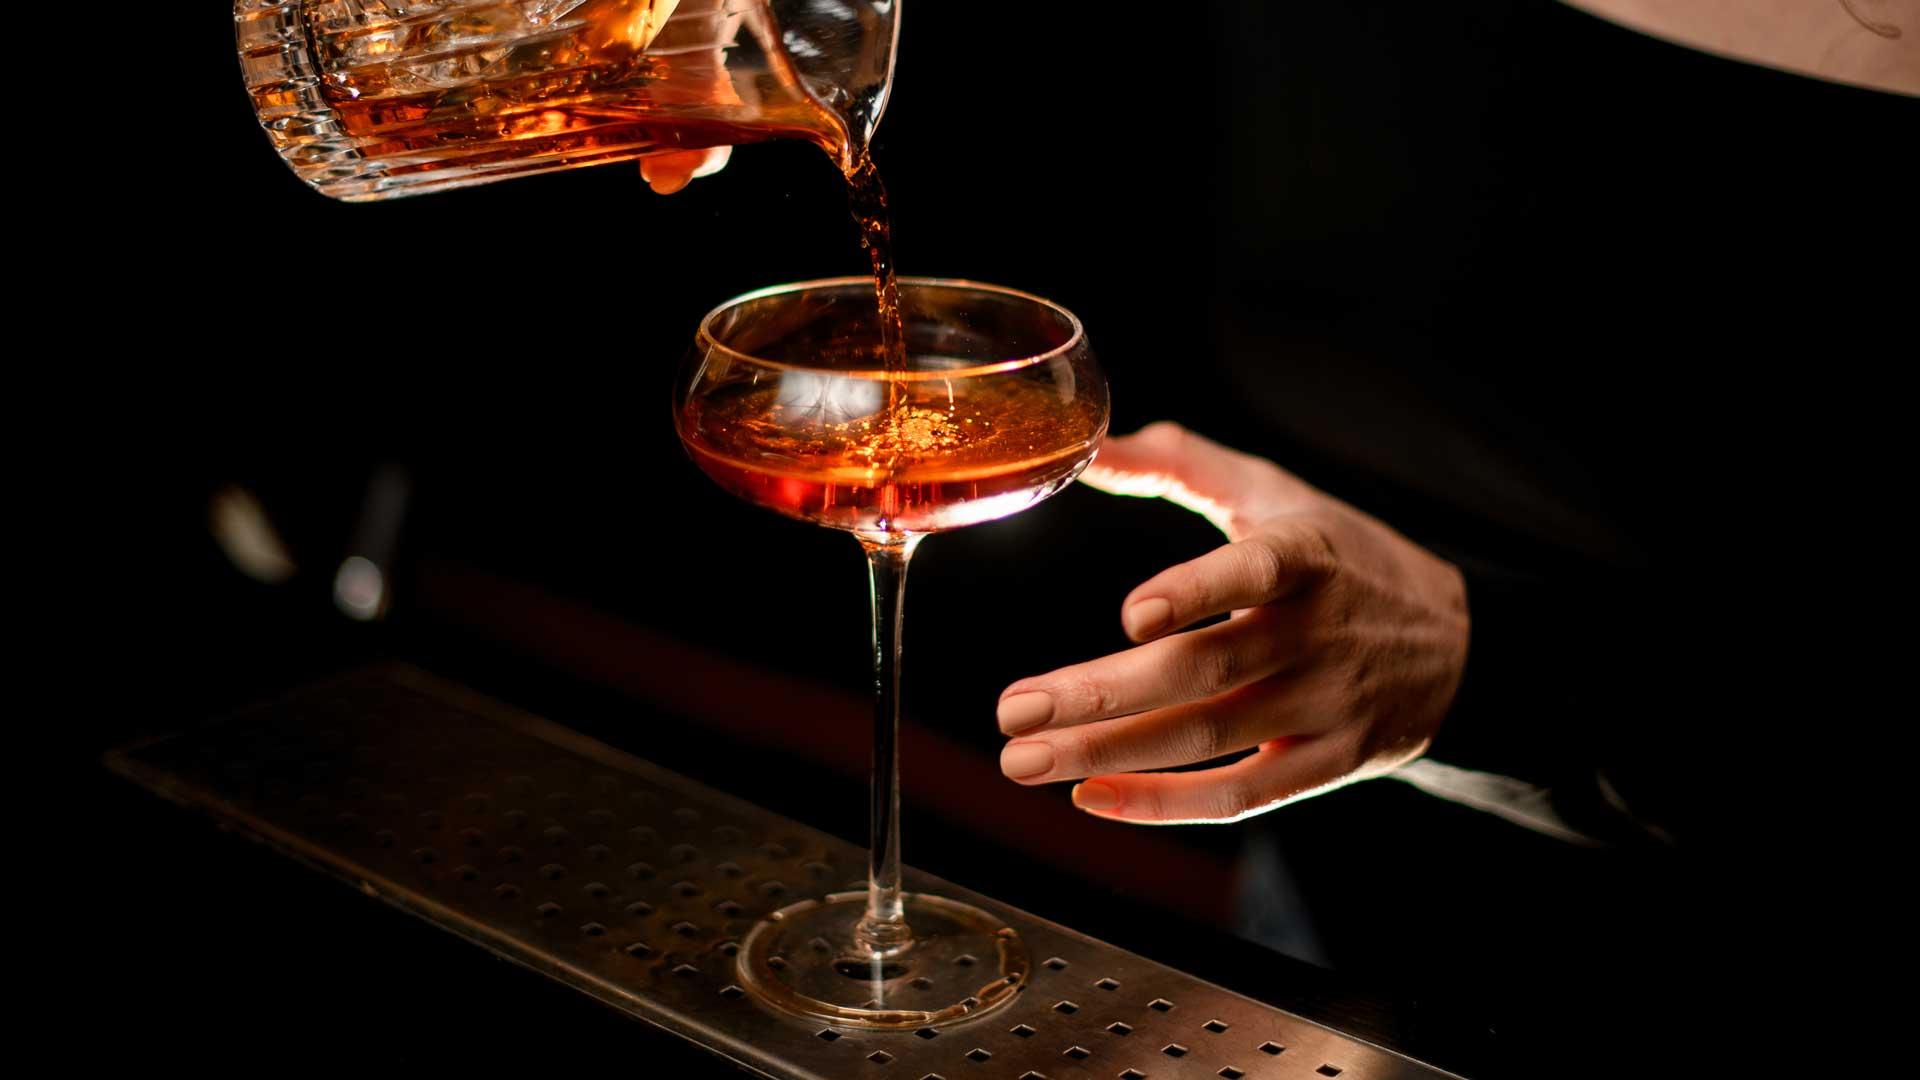 Vermouth-di-Torino-mon-amour-2021-Coqtail-Milano